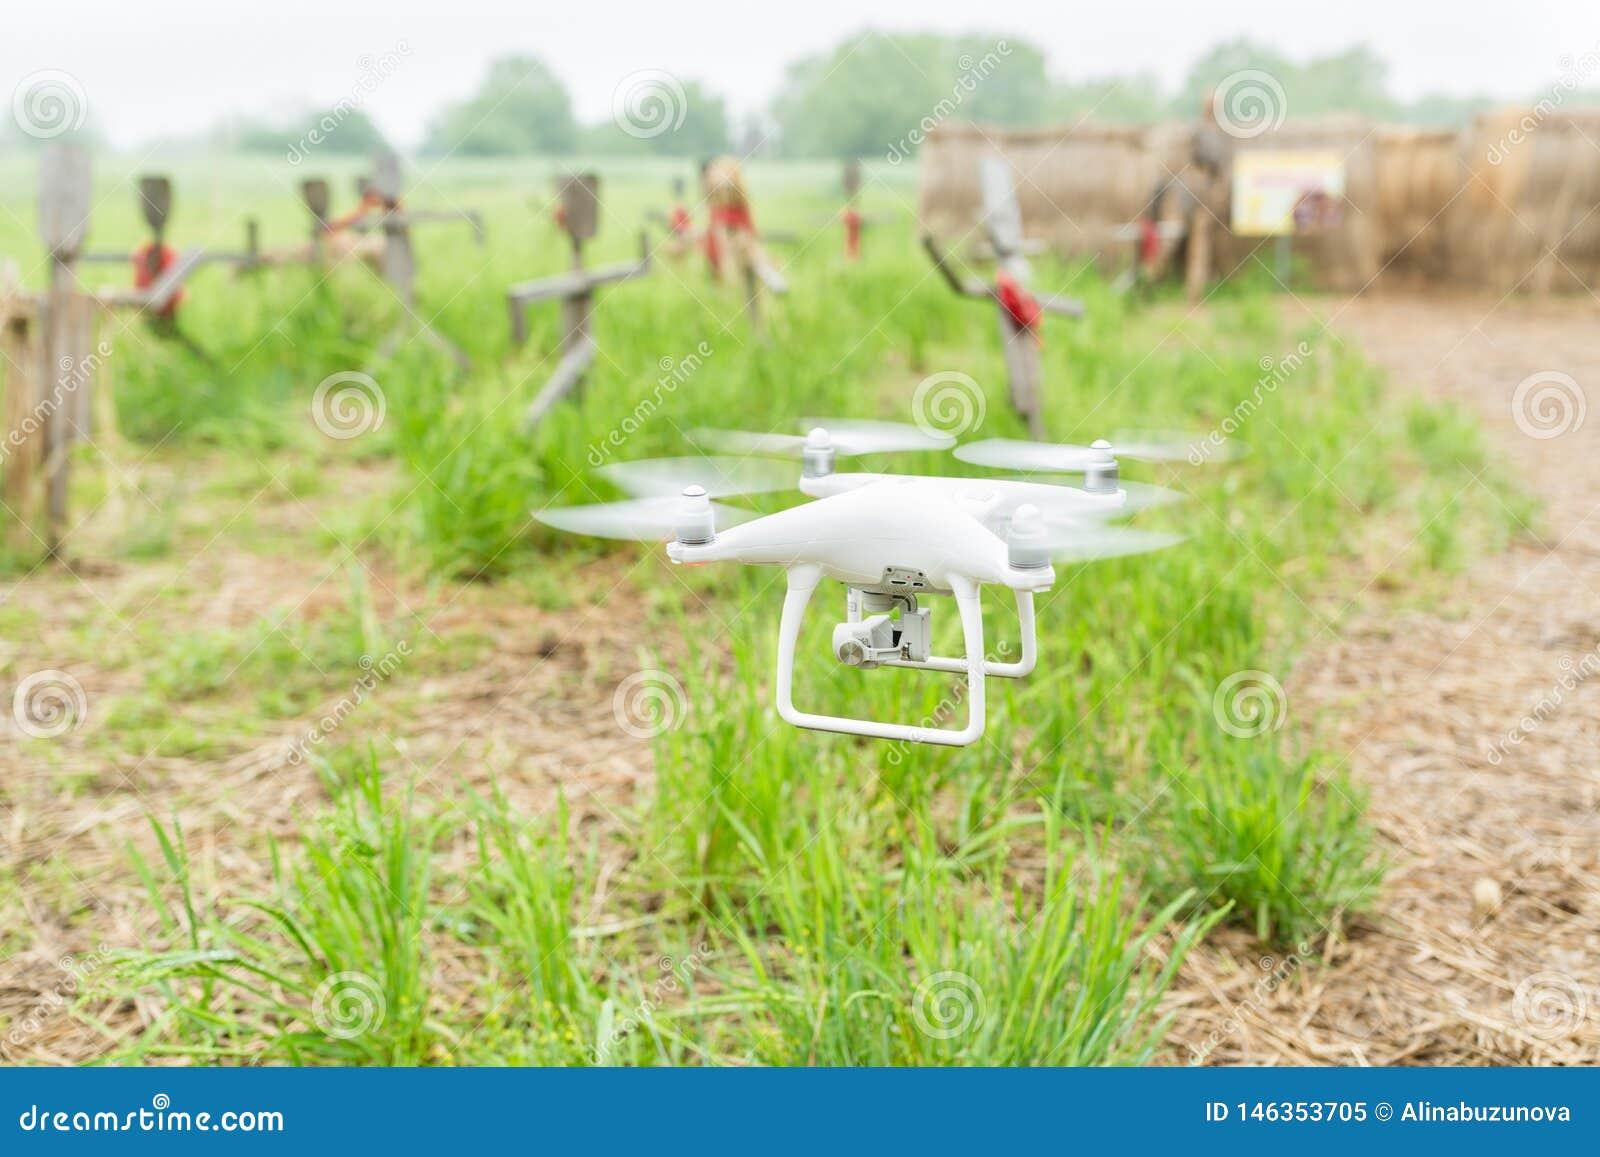 Drohnenfliegen ?ber Feld der gr?nen Ernte Schlie?en Sie oben vom Drohnenfliegen ?ber gr?nem Weizenfeld im Sommer Hightechinnovati